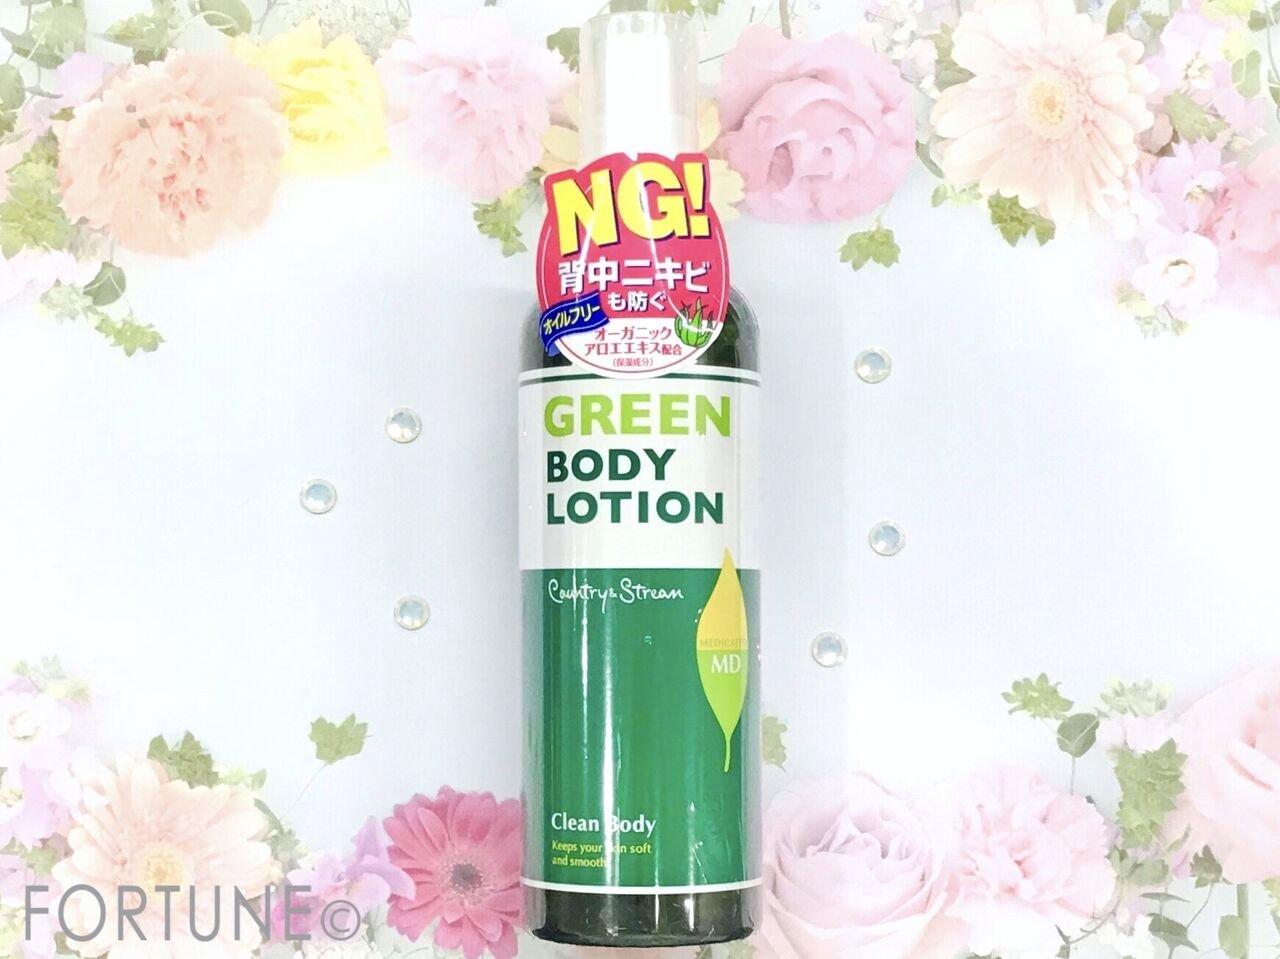 カントリー&ストリーム 薬用グリーンボディローション(ボディ用化粧水)